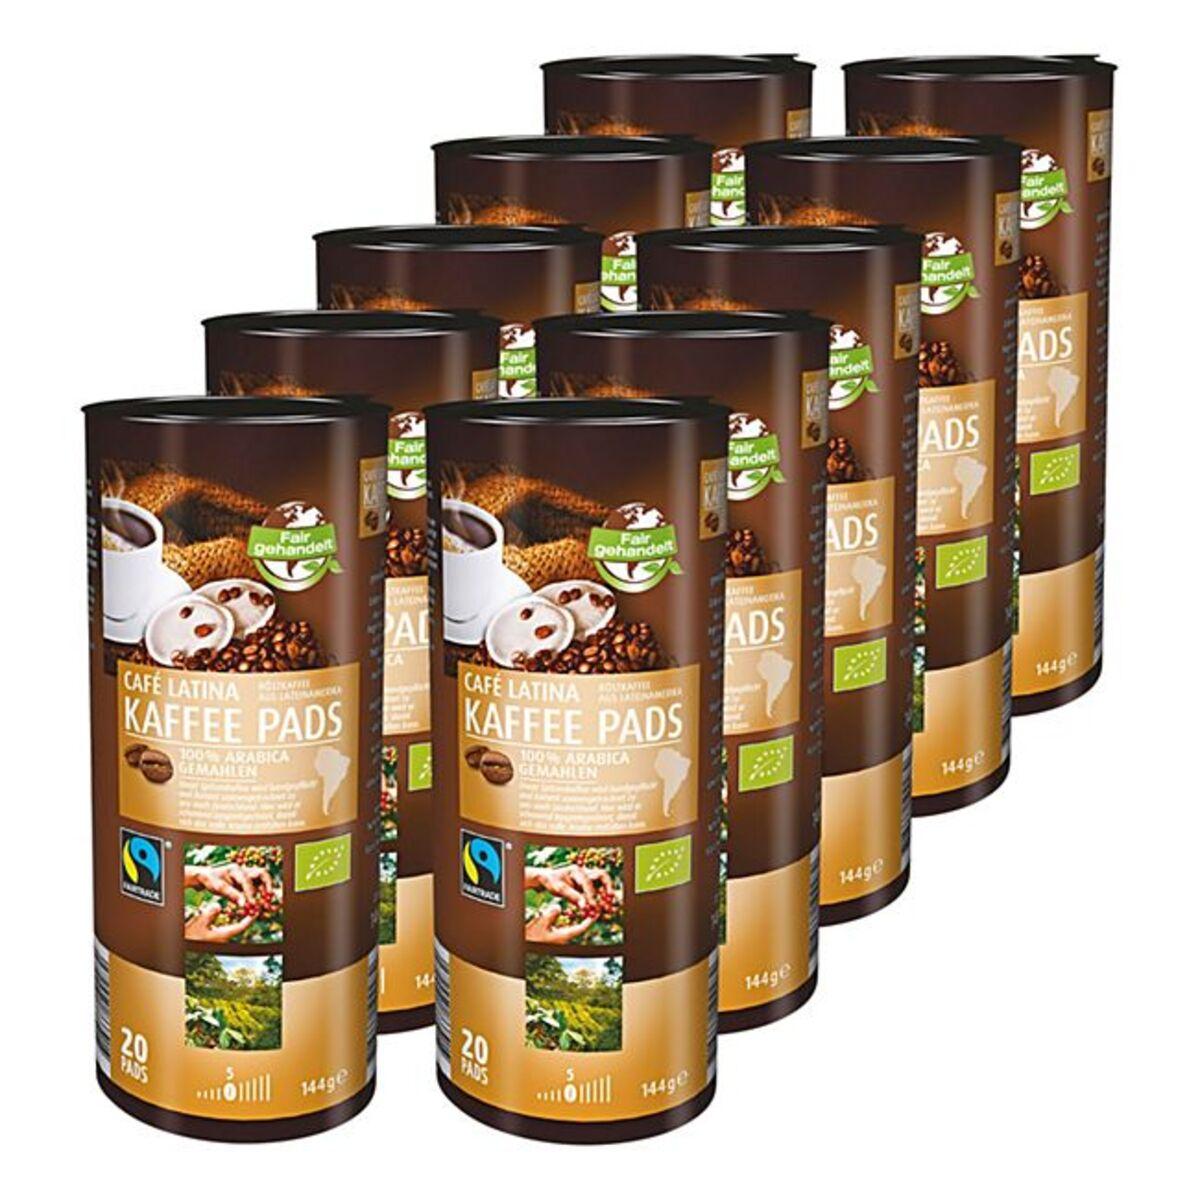 Bild 1 von Bio Fairtrade Cafe Latina Kaffeepads 144 g, 10er Pack